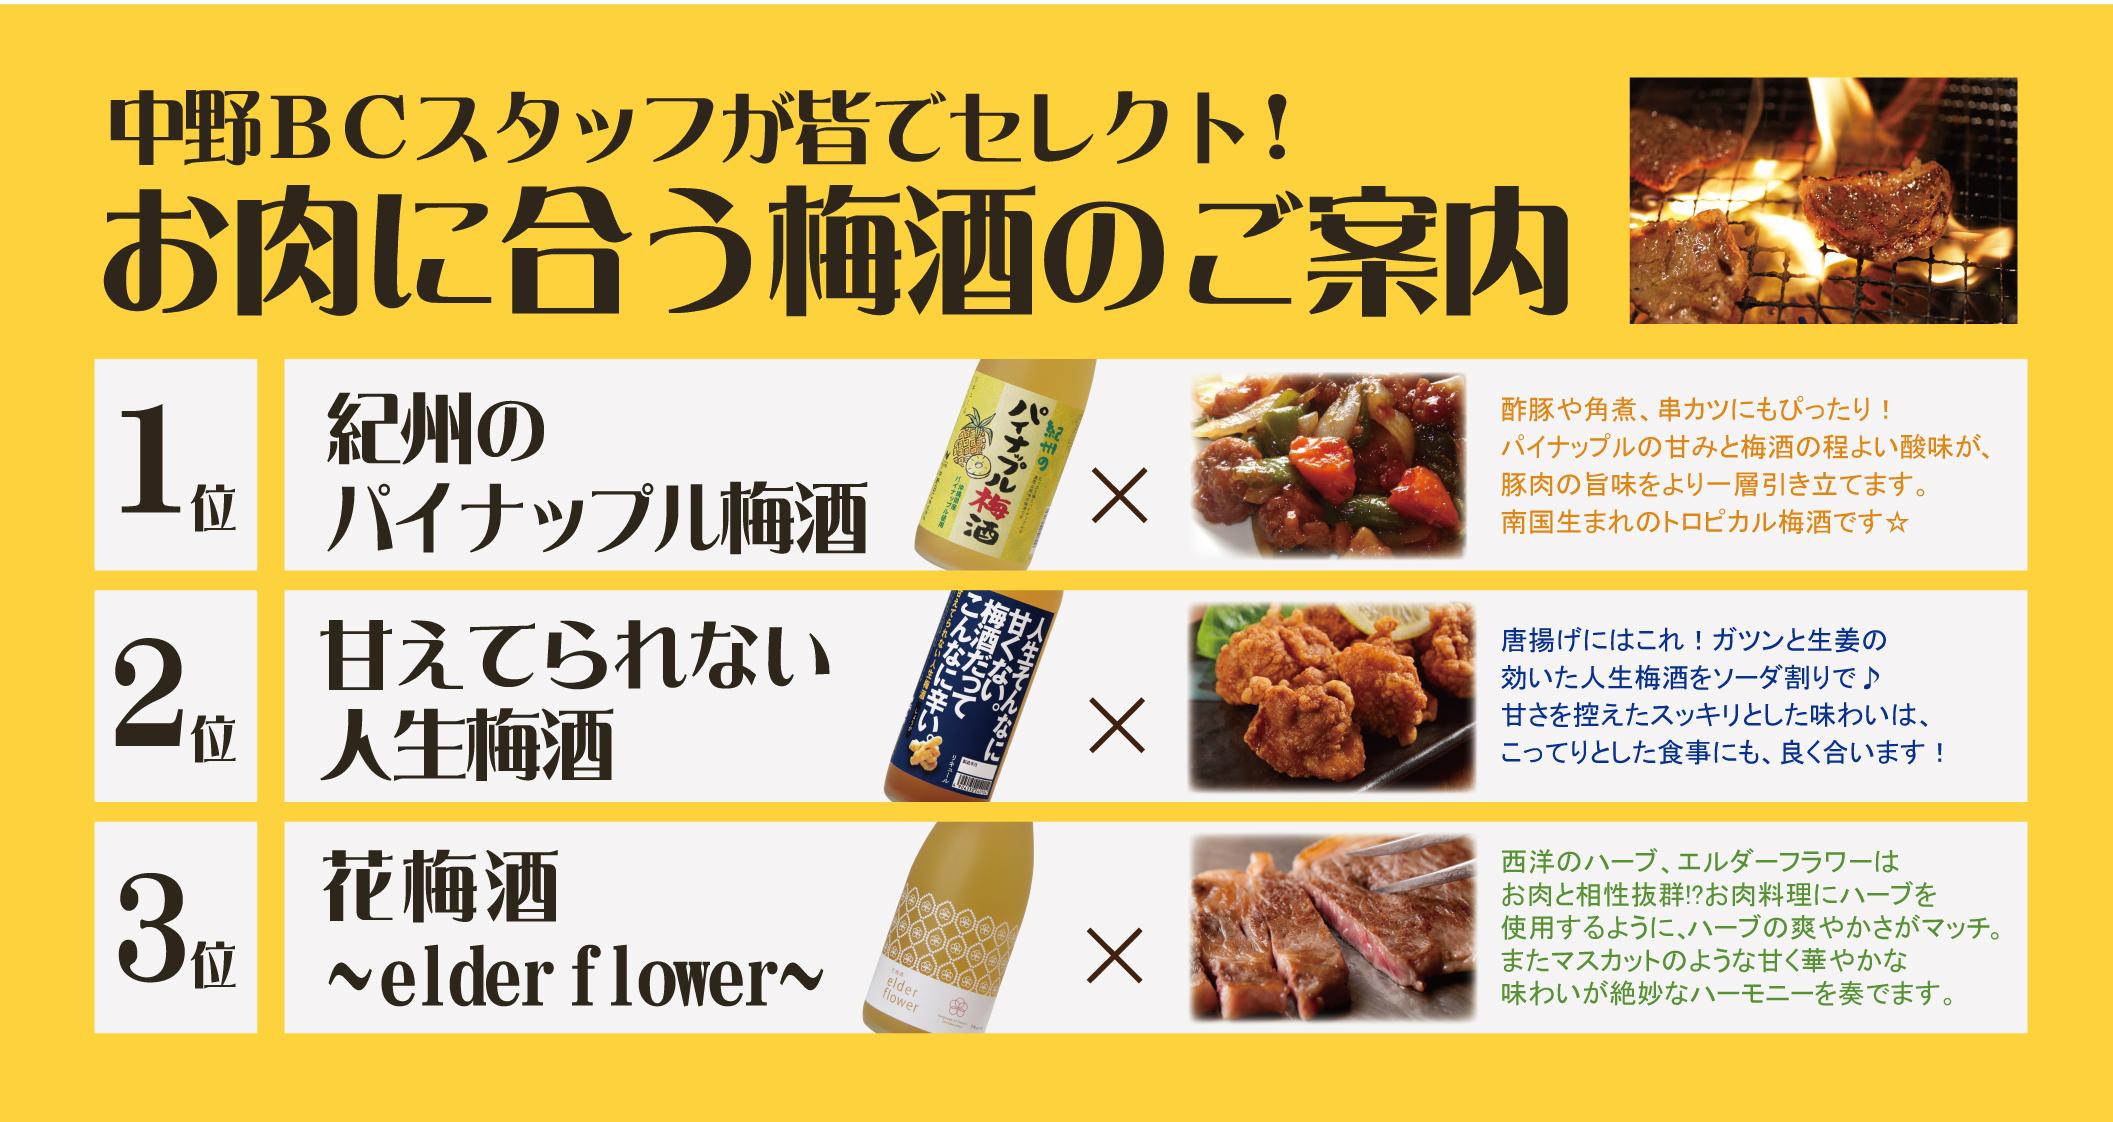 【提案書】肉に合う梅酒